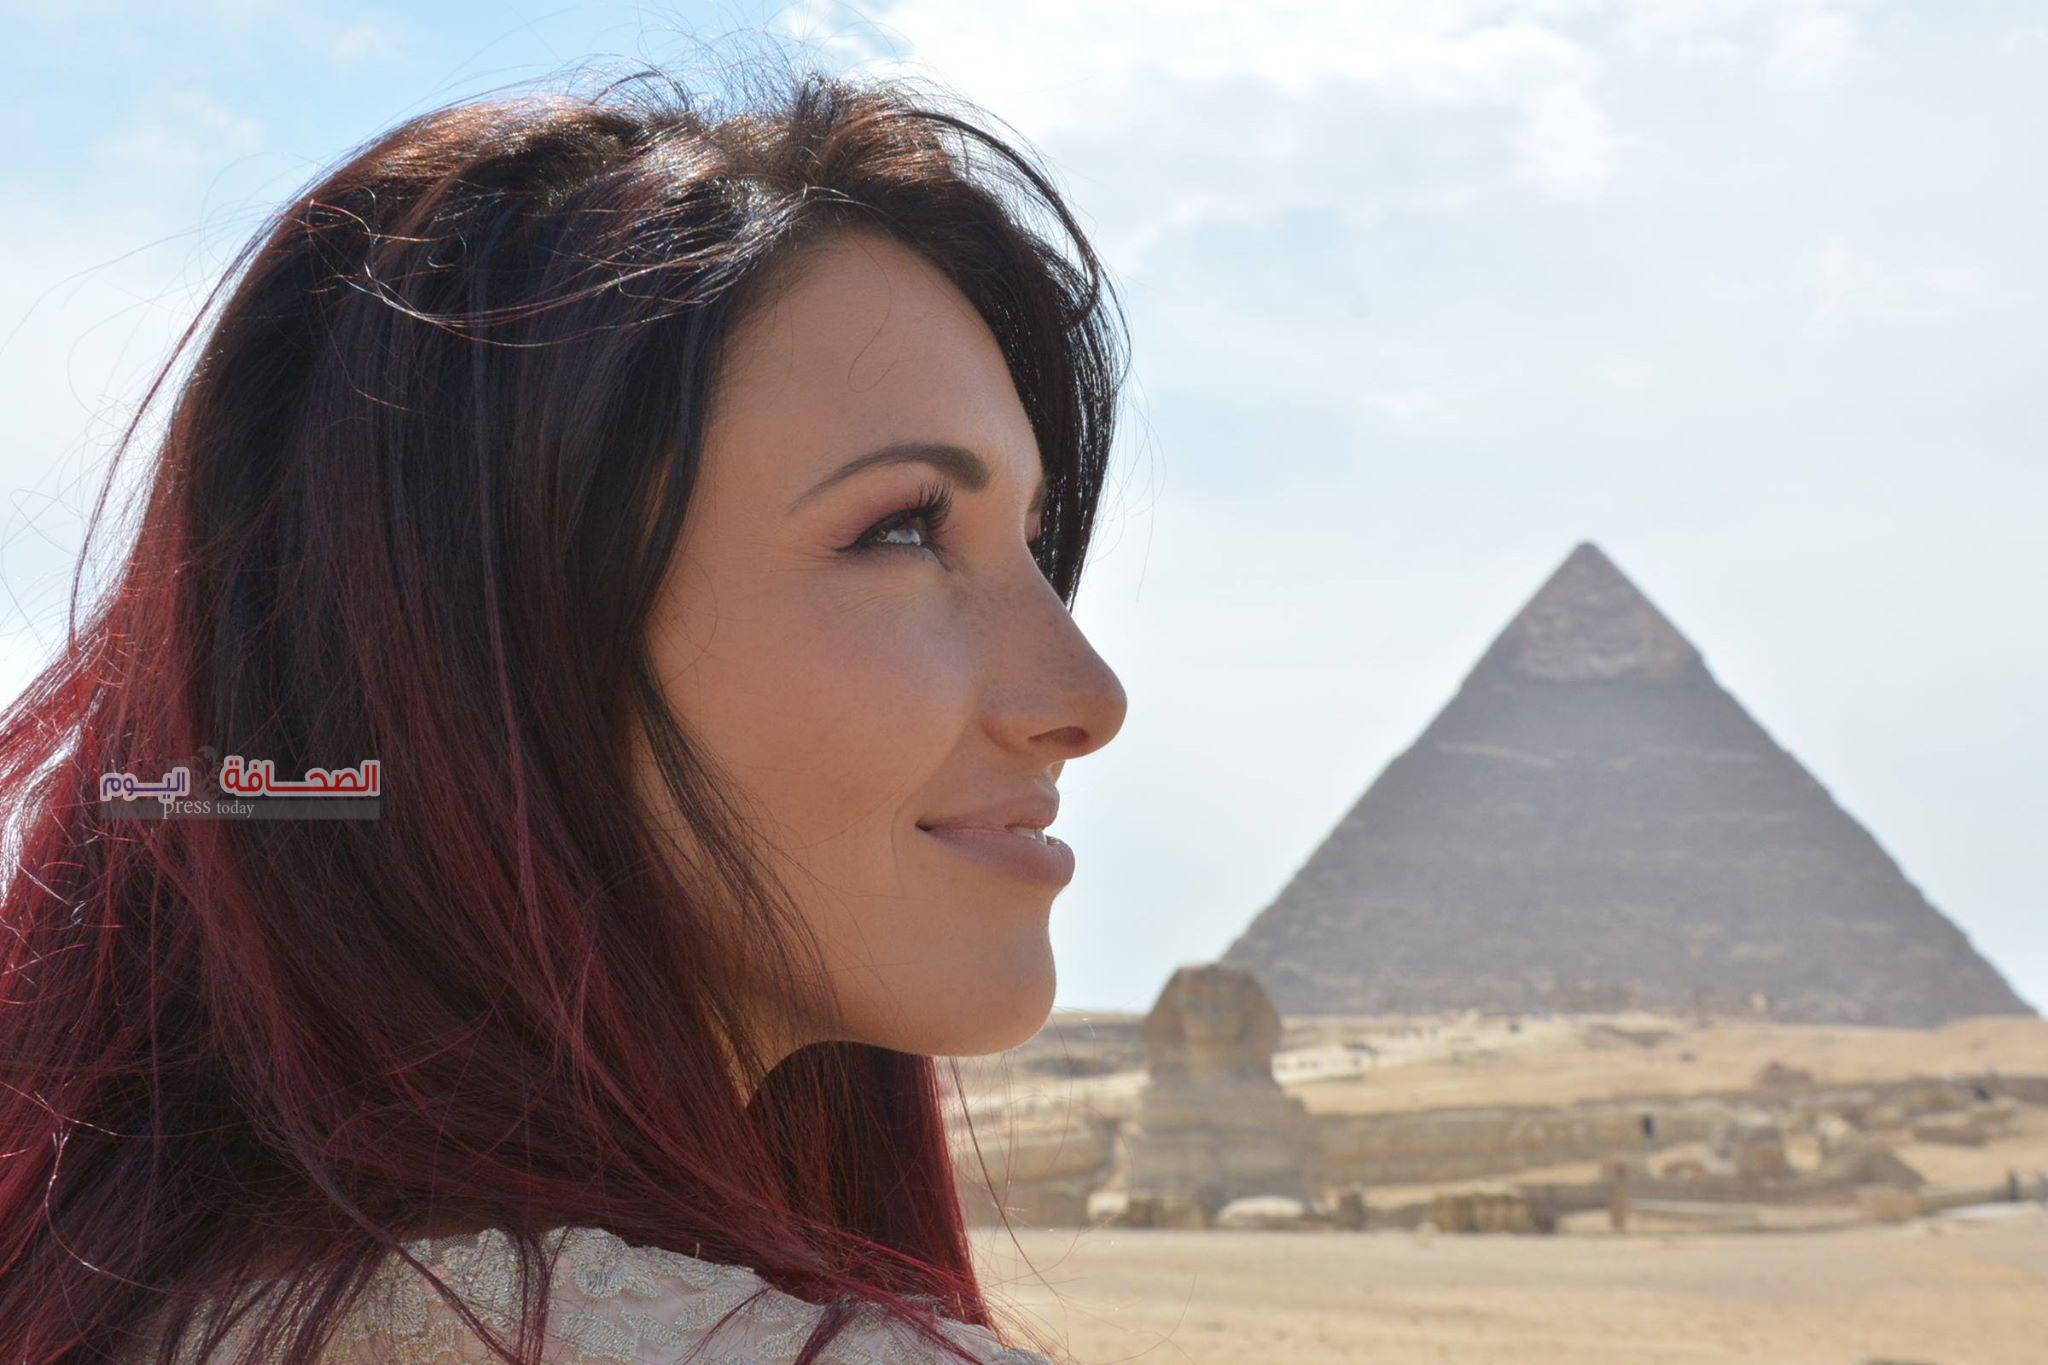 بالصور . ملكات الجمال تسجل ذكرياتهم بمنطقة الأهرامات على مواقع التواصل